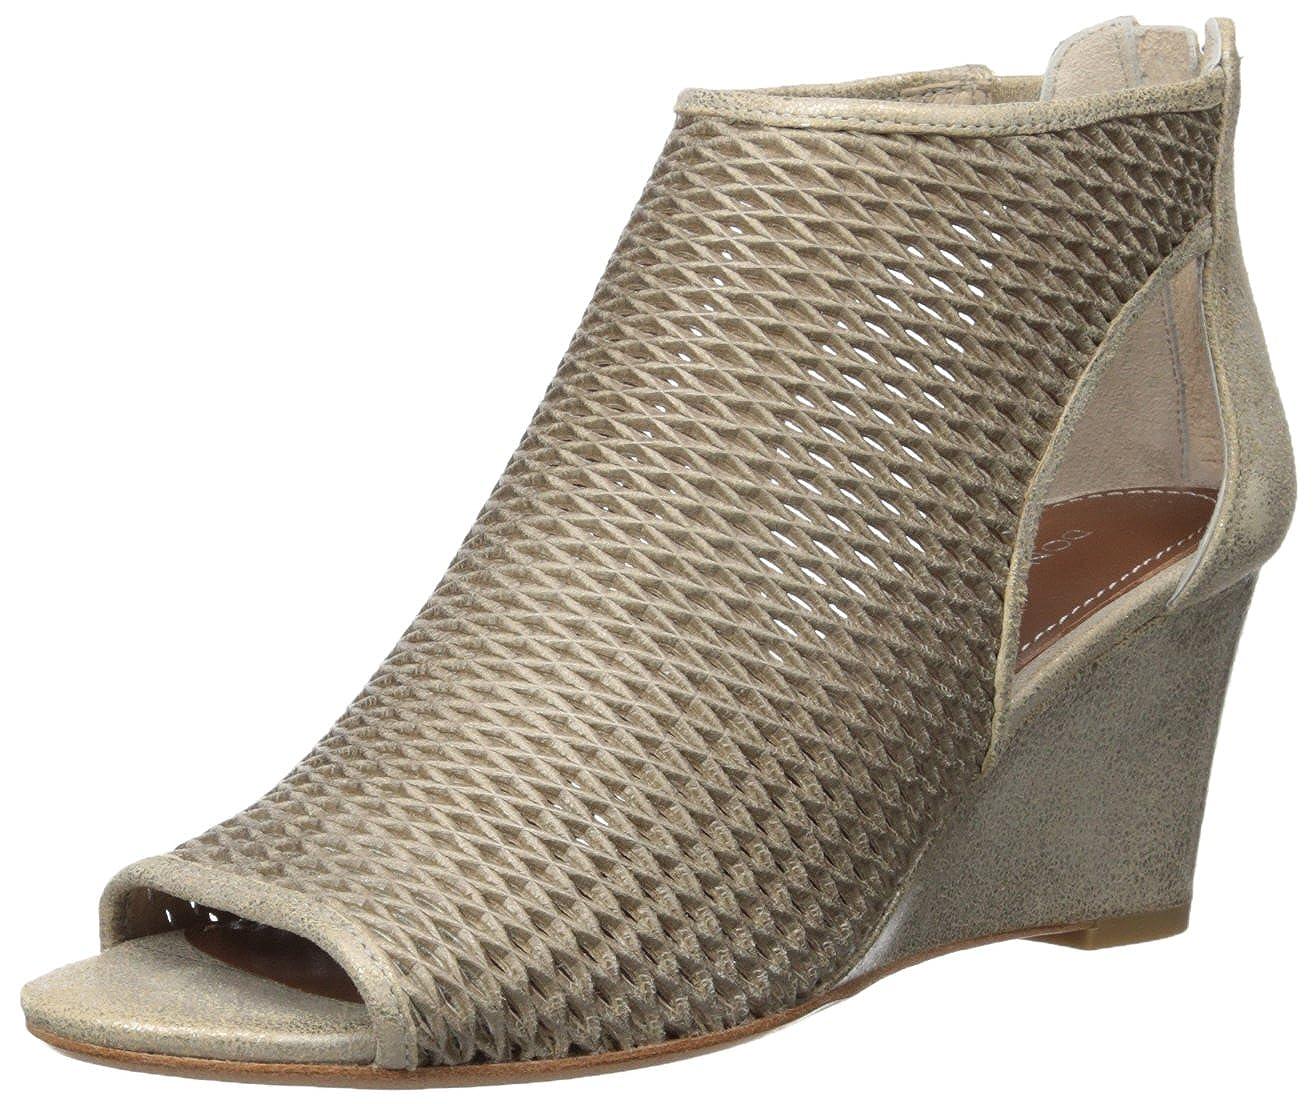 a01b3805bd4 Amazon.com  Donald J Pliner Women s Jace-T8T8 Wedge Sandal  Shoes